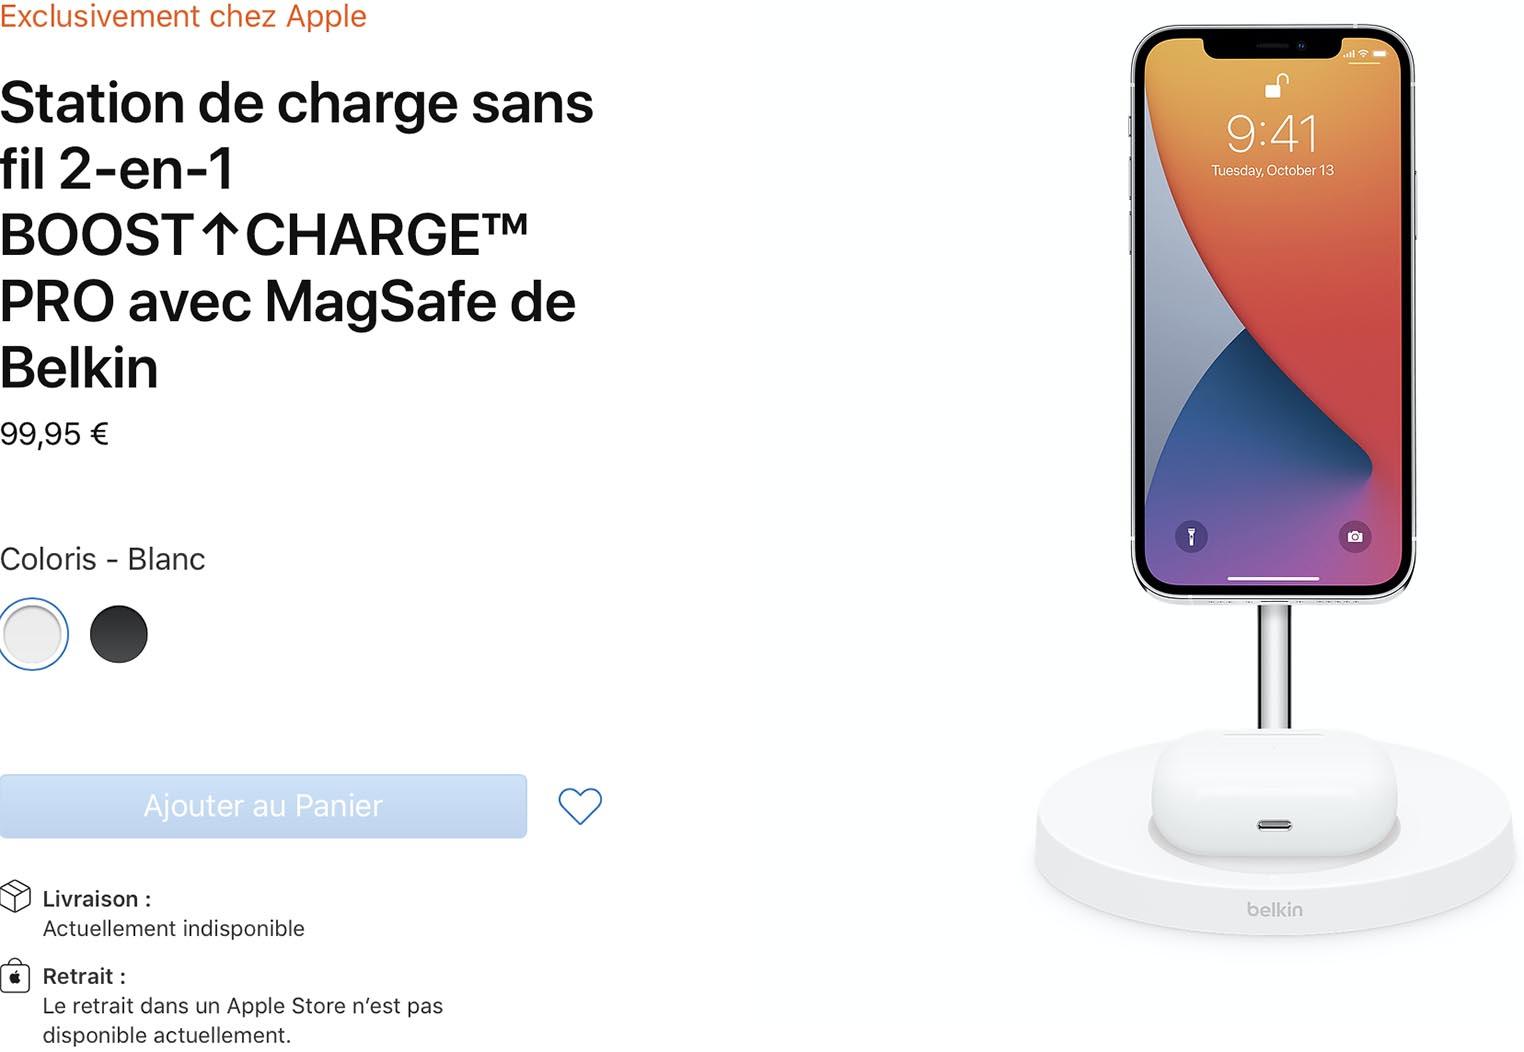 Chargeur MagSafe deux-en-un Belkin Apple Store